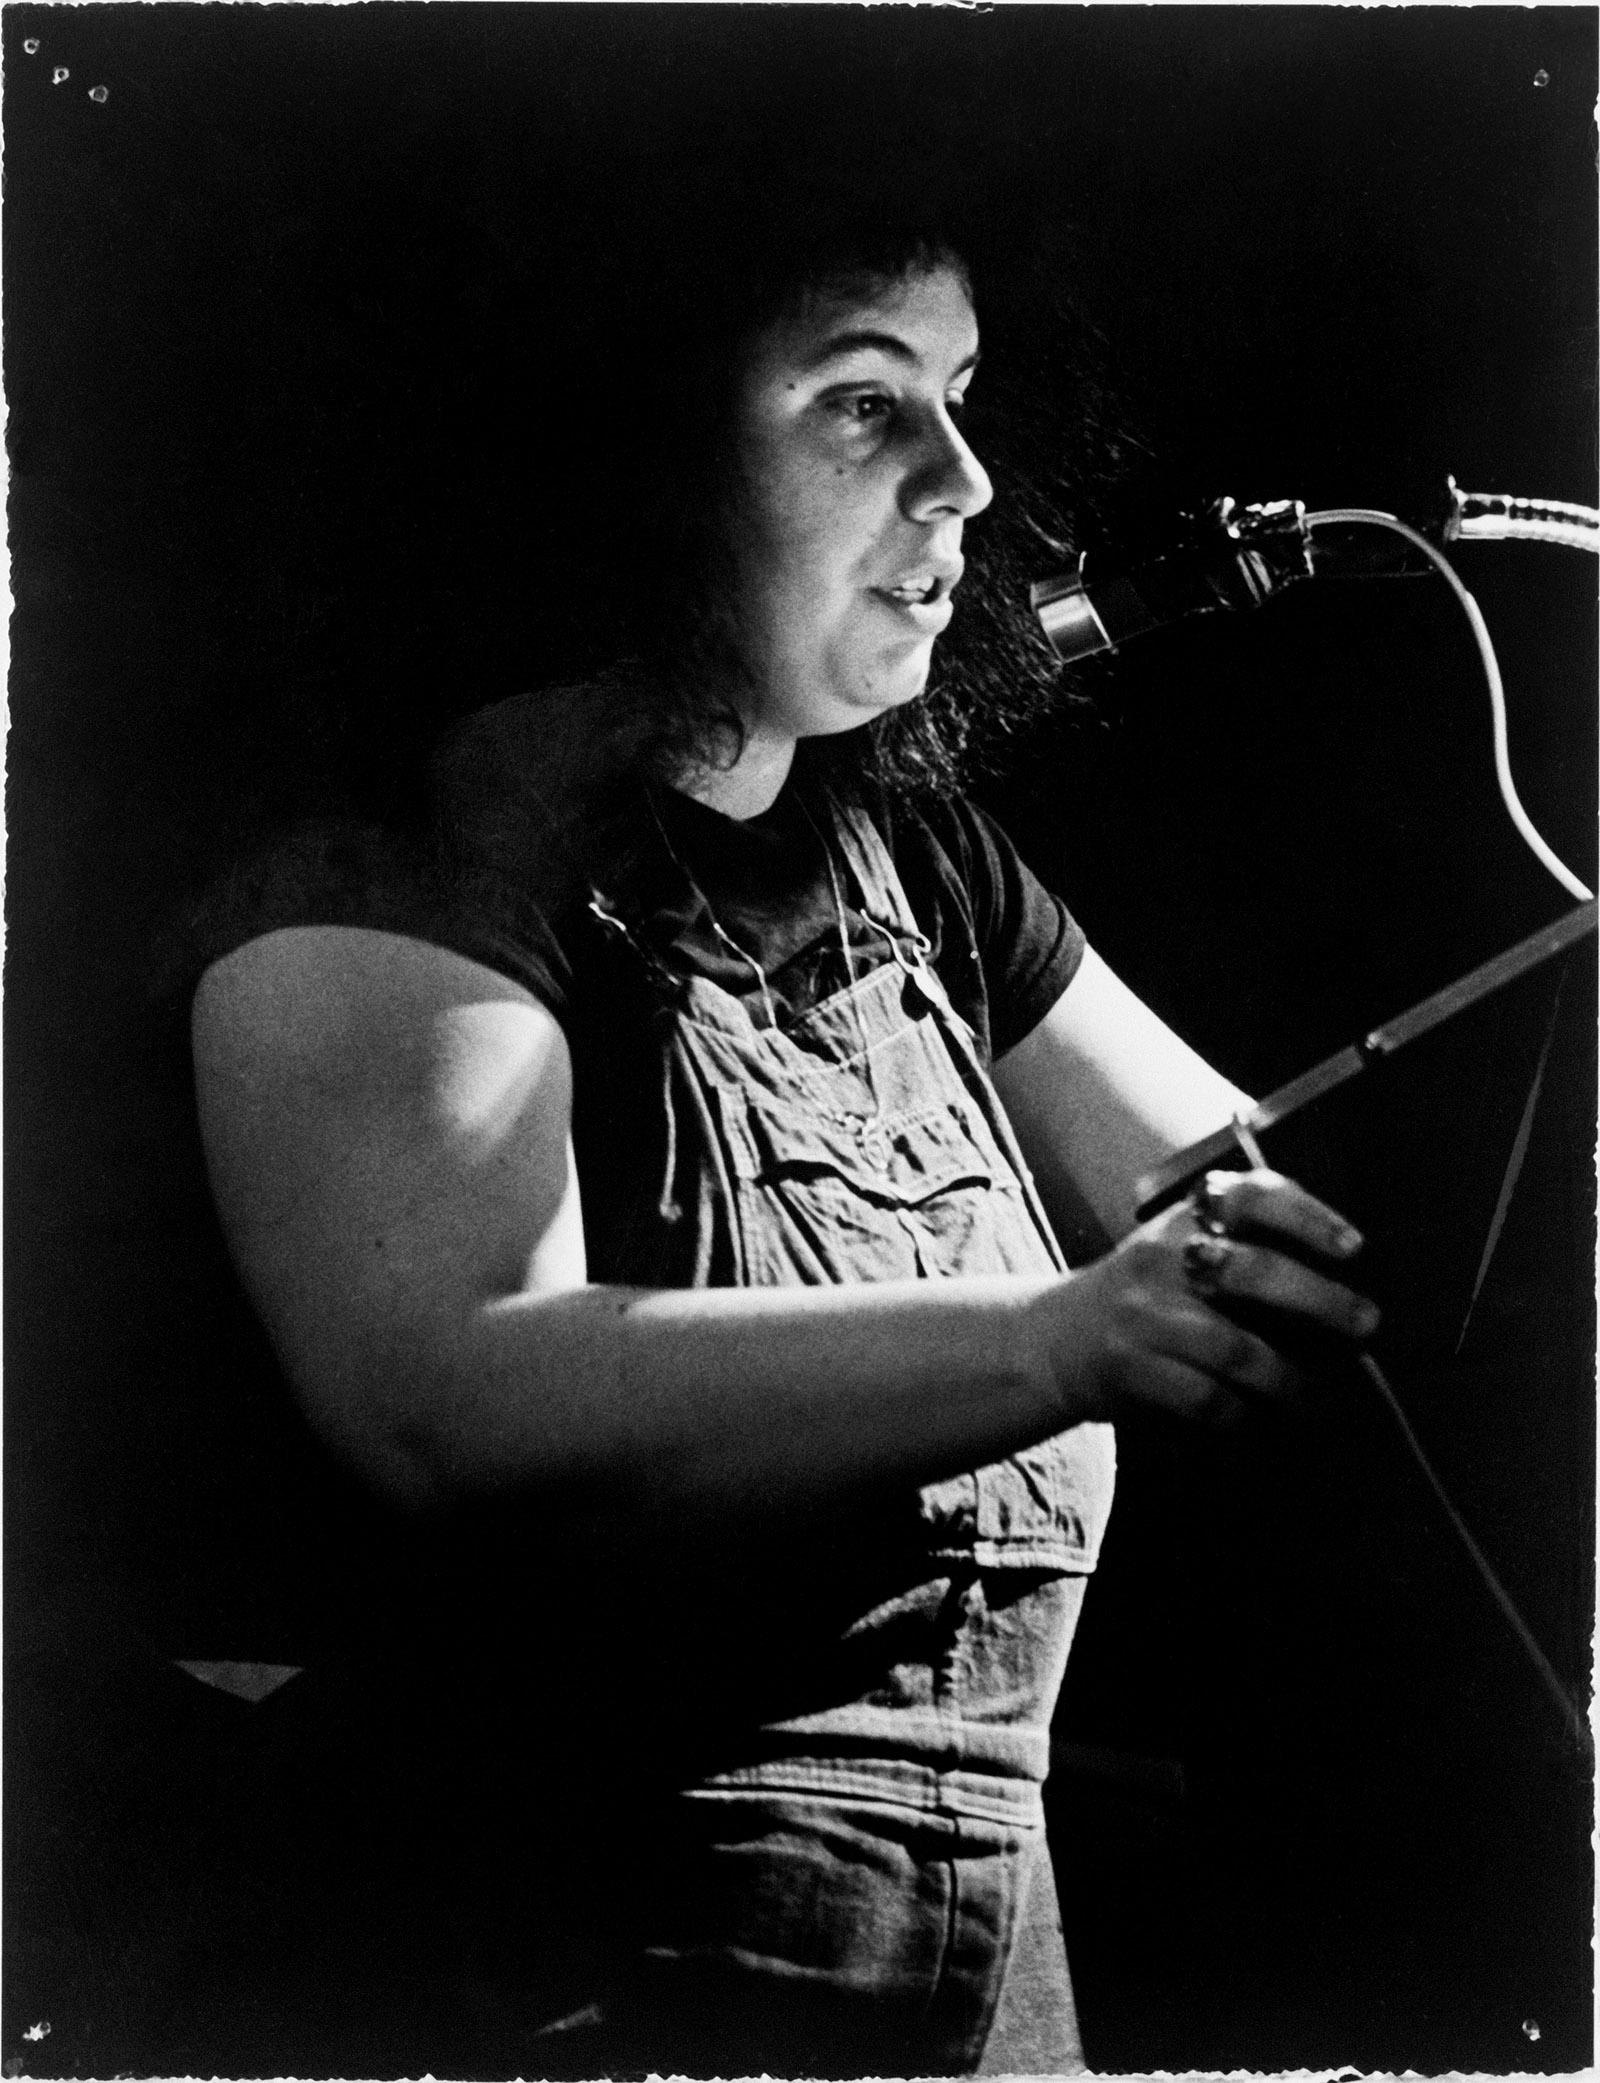 Andrea Dworkin, 1980s